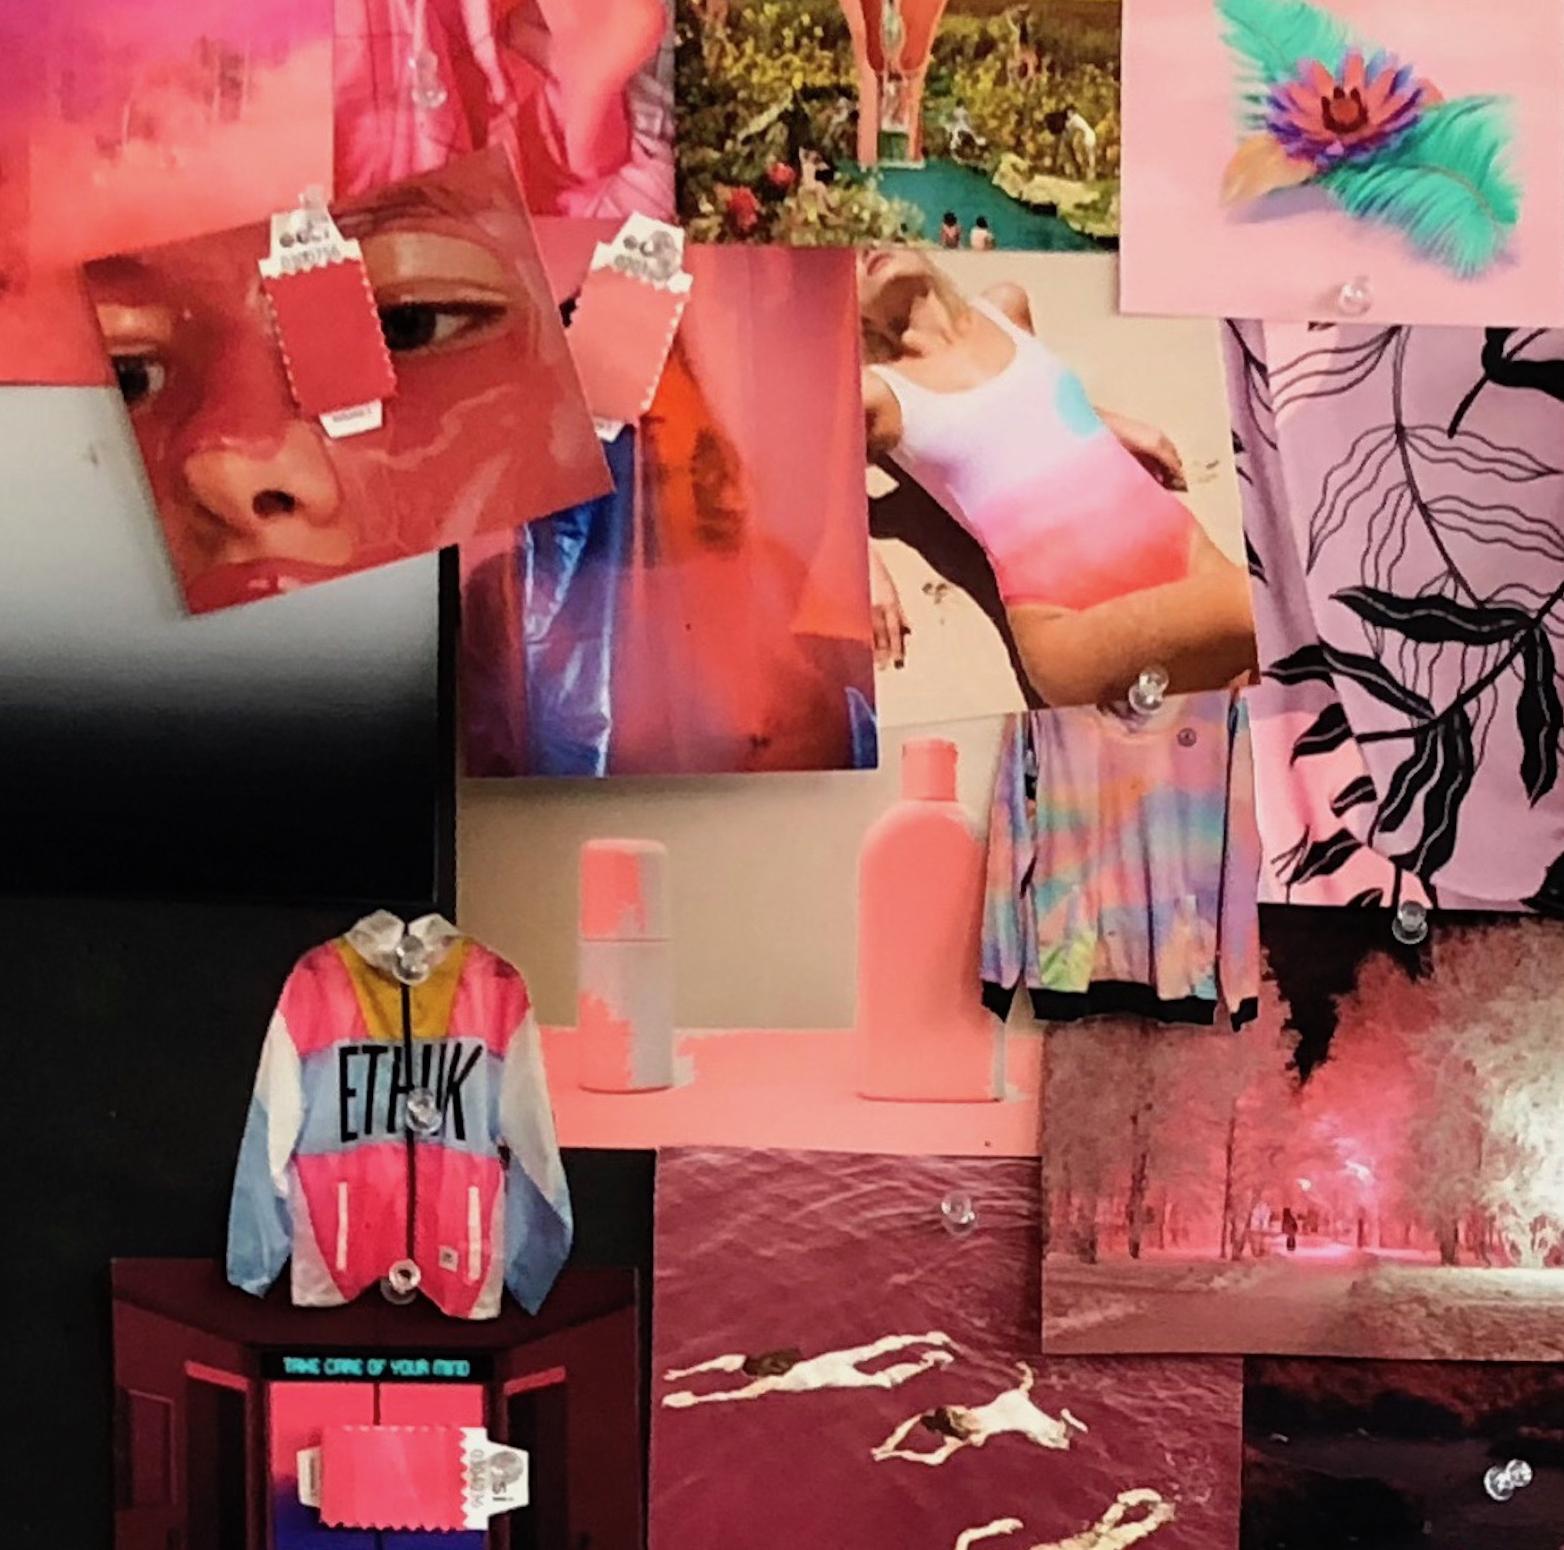 upclose pink.jpg